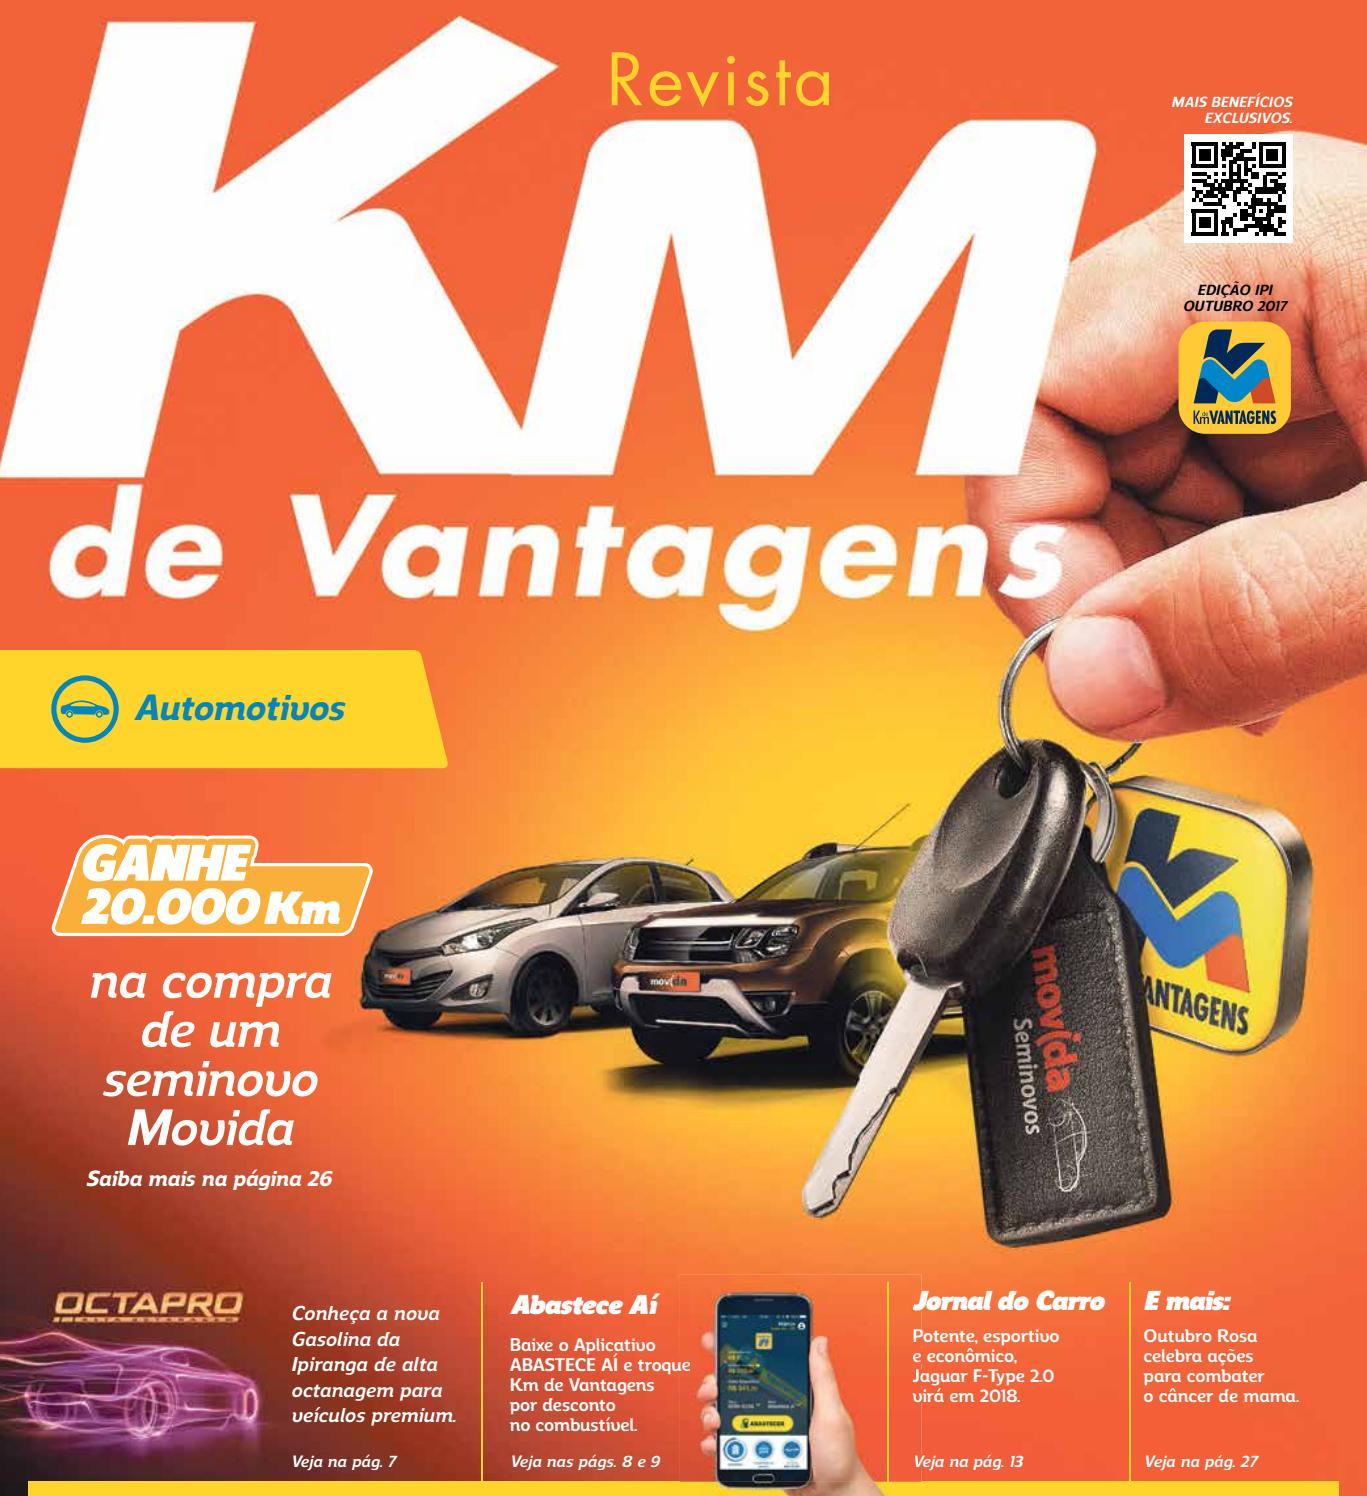 c2e4b79cc74d7 Ipi by Km de Vantagens - issuu